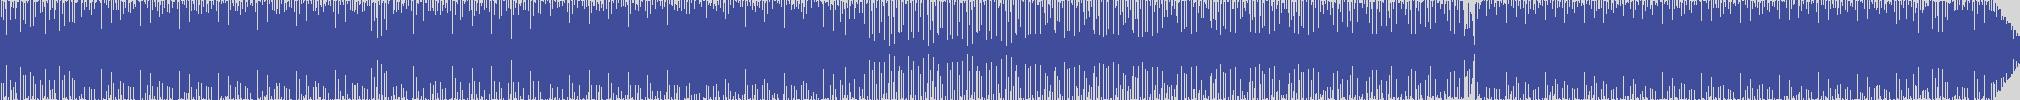 bunny_clan [BYC033] Kenny Bizzarro - Fat Funk [Original Radio] audio wave form